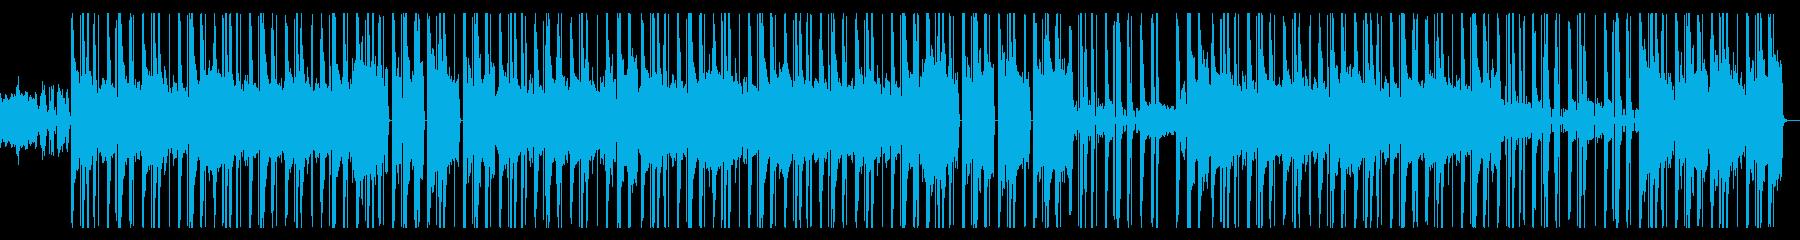 先鋭的 浮遊感 ヒップホップ トラップの再生済みの波形